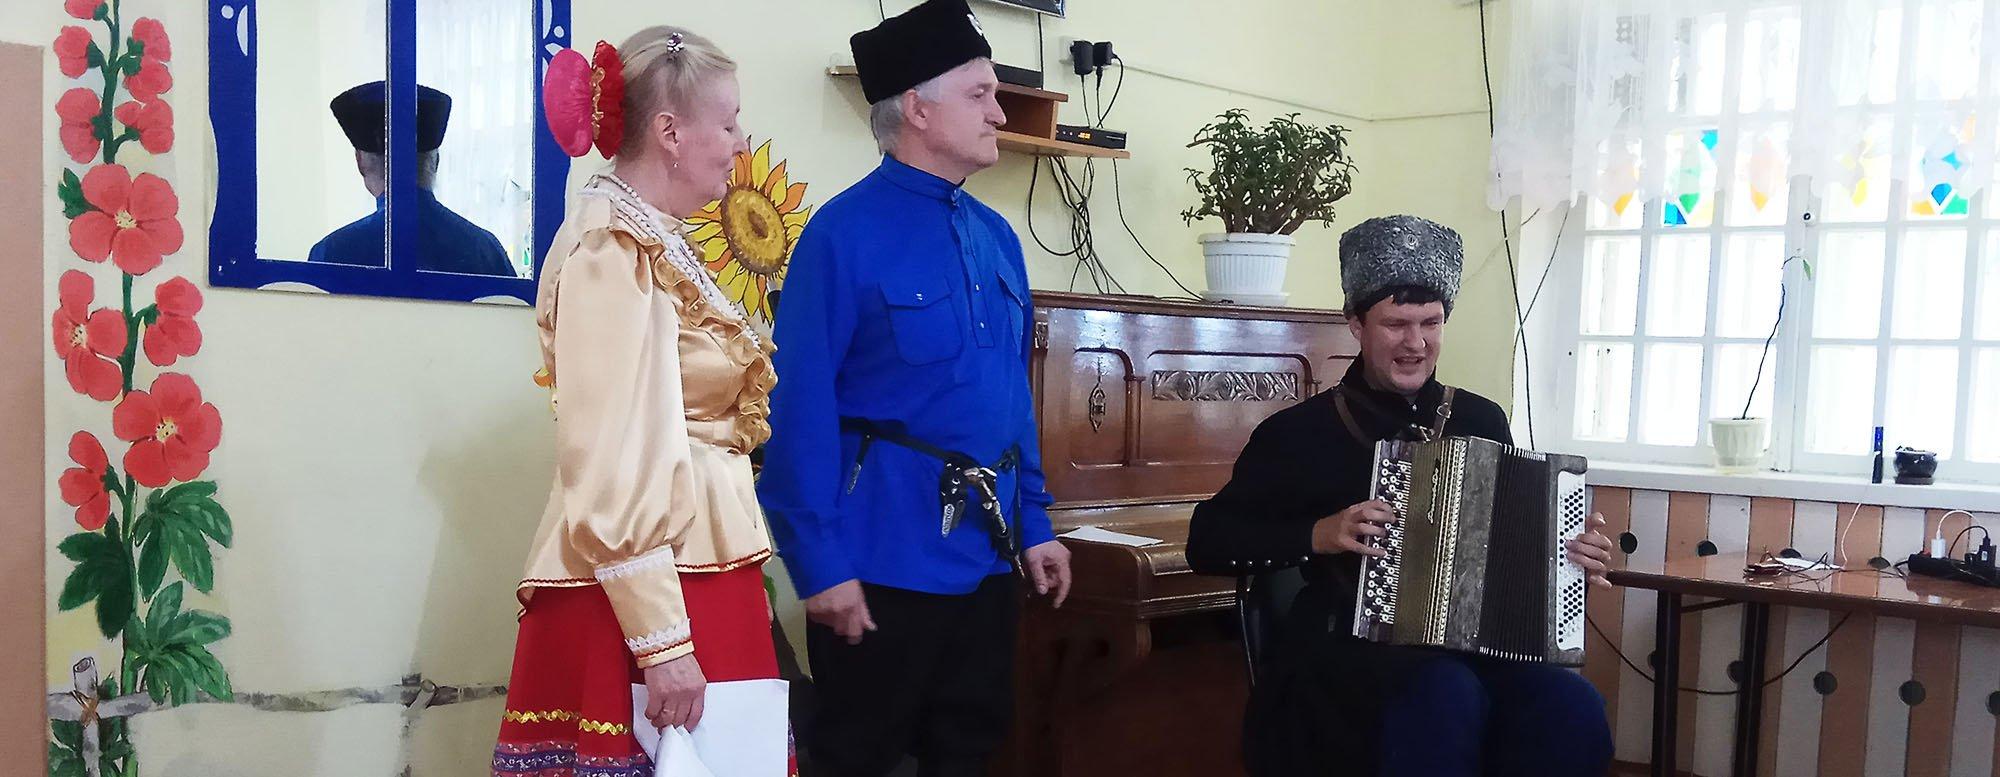 В Ставропольской психбольнице отметили День пожилых людей концертом казачьей песни